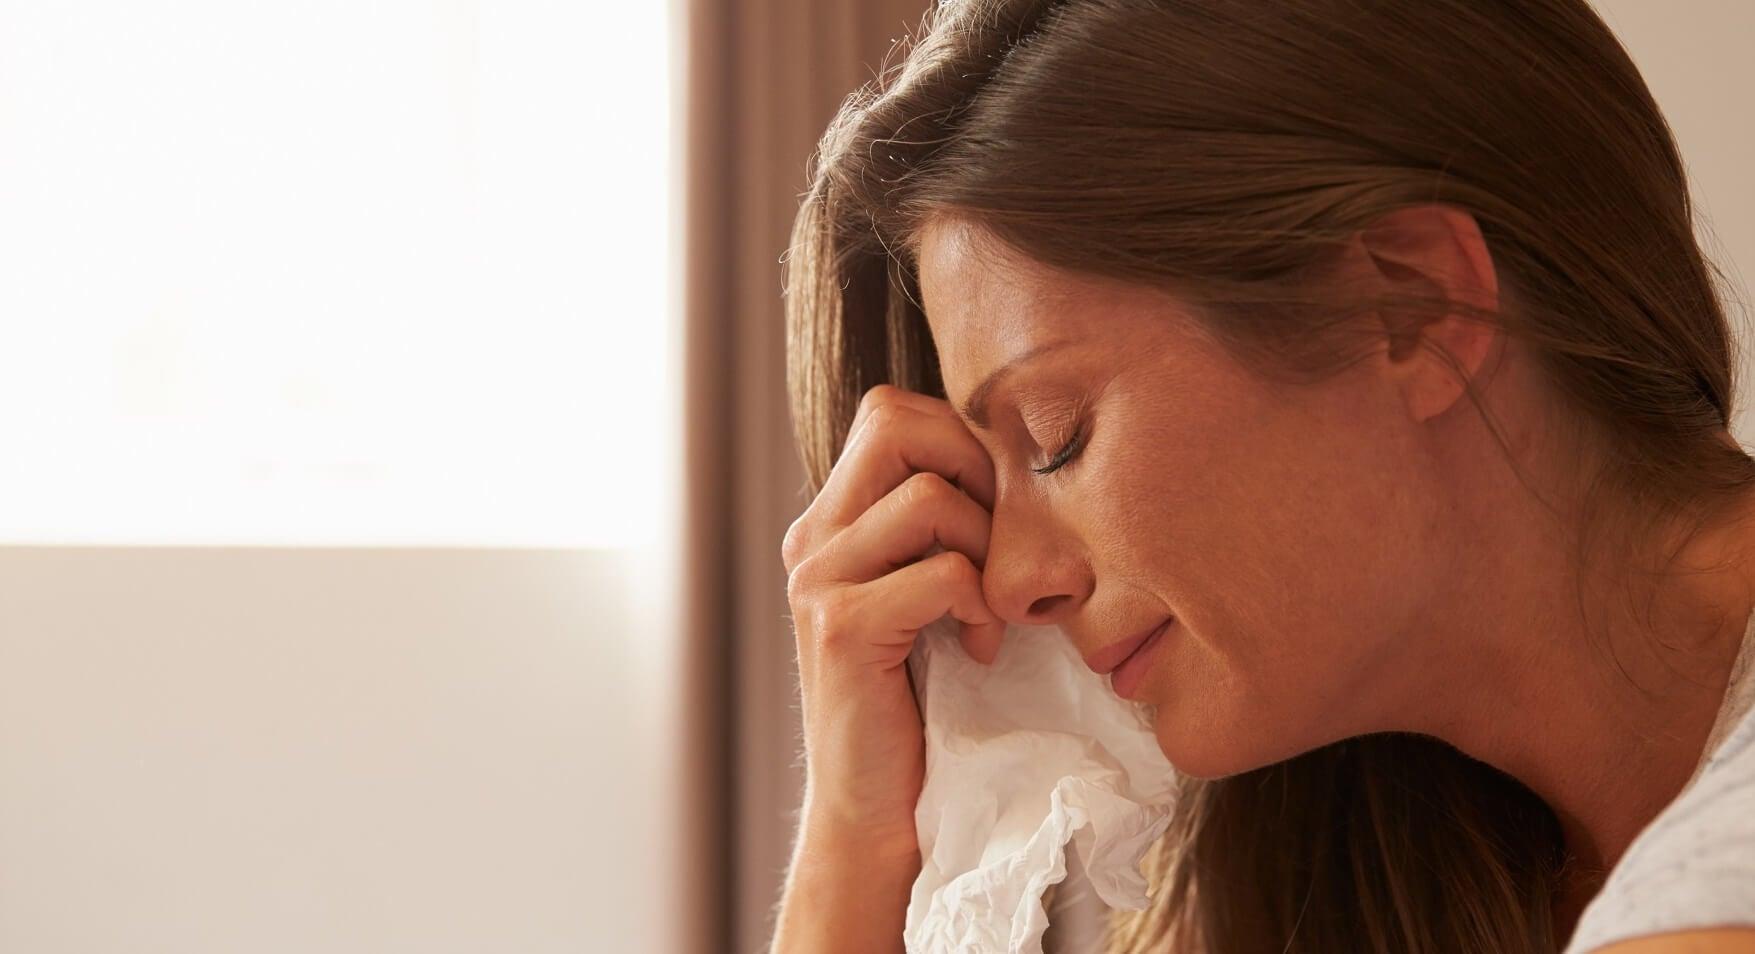 Myös äidit itkevät joskus uupumuksesta, stressistä ja pelosta